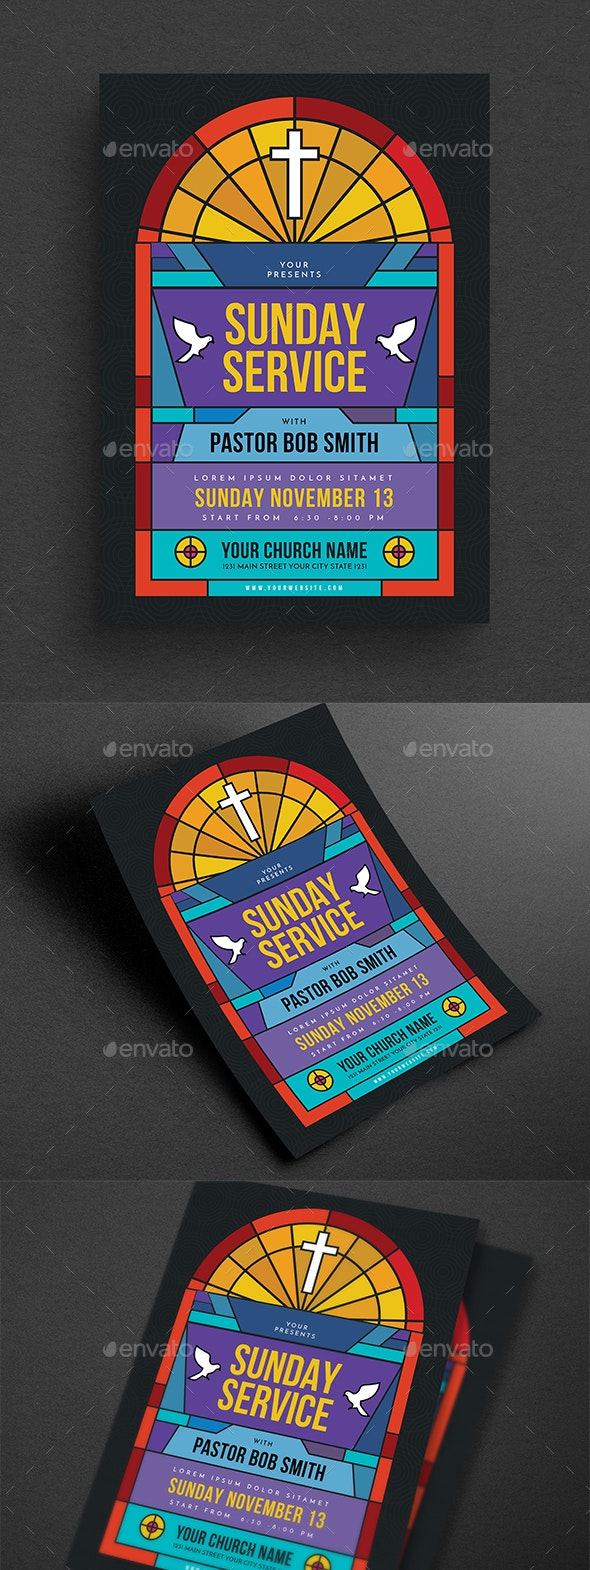 Sunday Service Church Event Flyer - Church Flyers